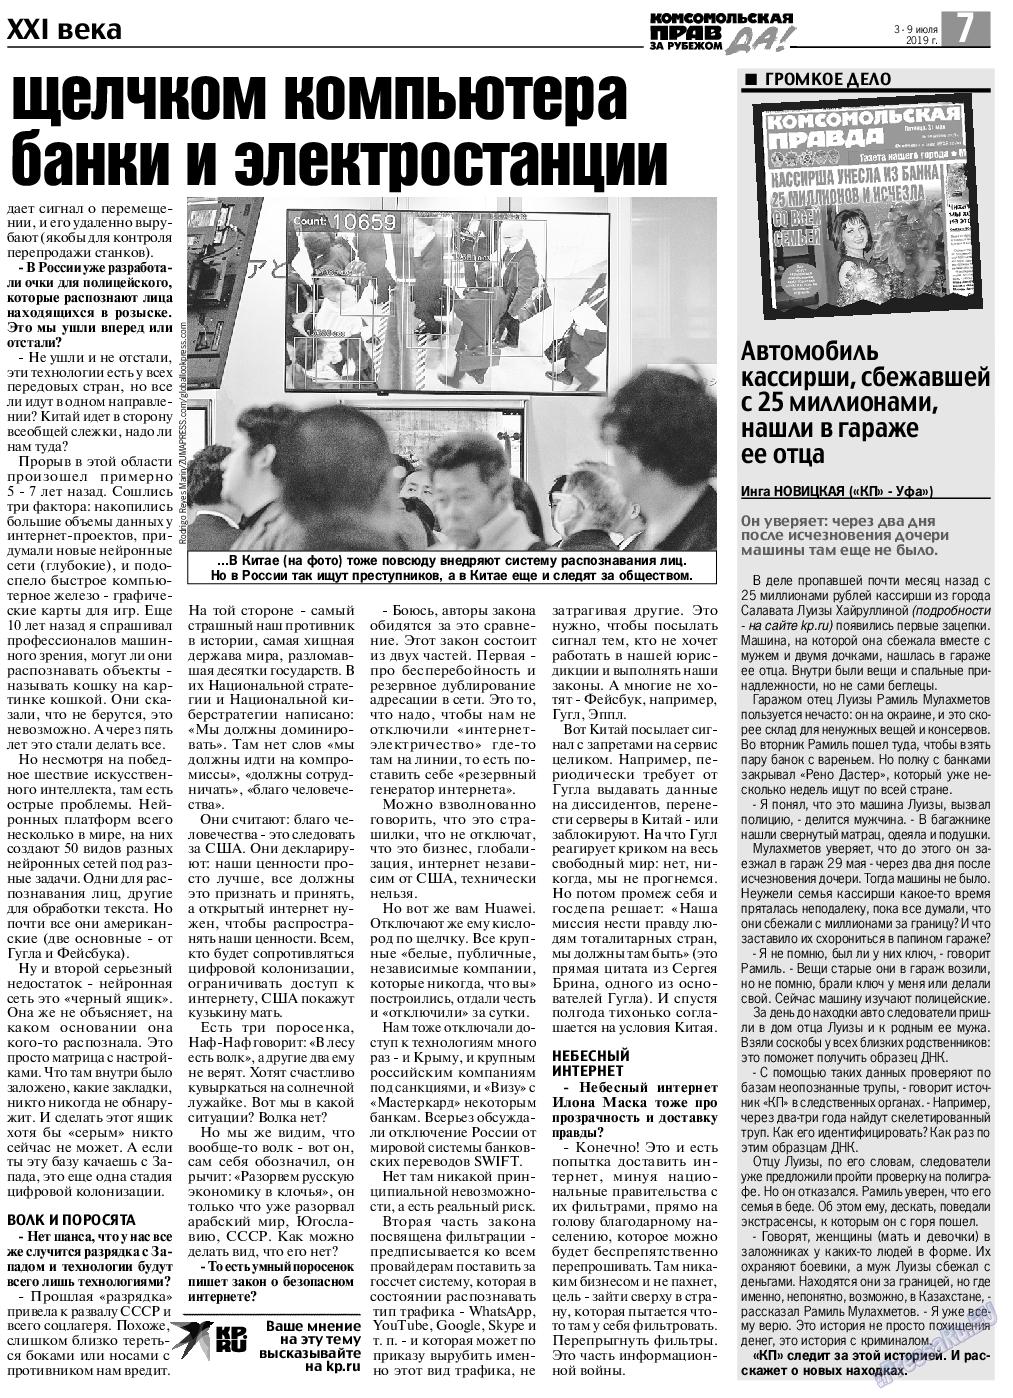 КП в Европе (газета). 2019 год, номер 27, стр. 7